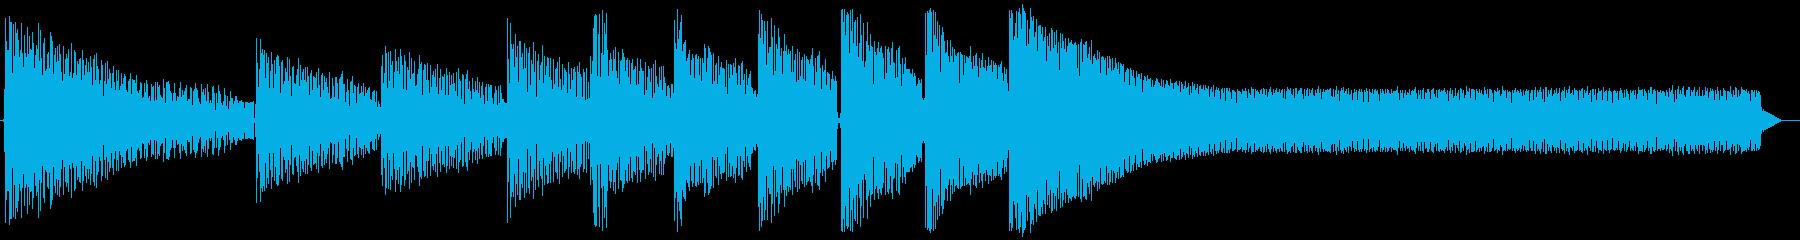 レトロゲームジングル:サスペンスの再生済みの波形